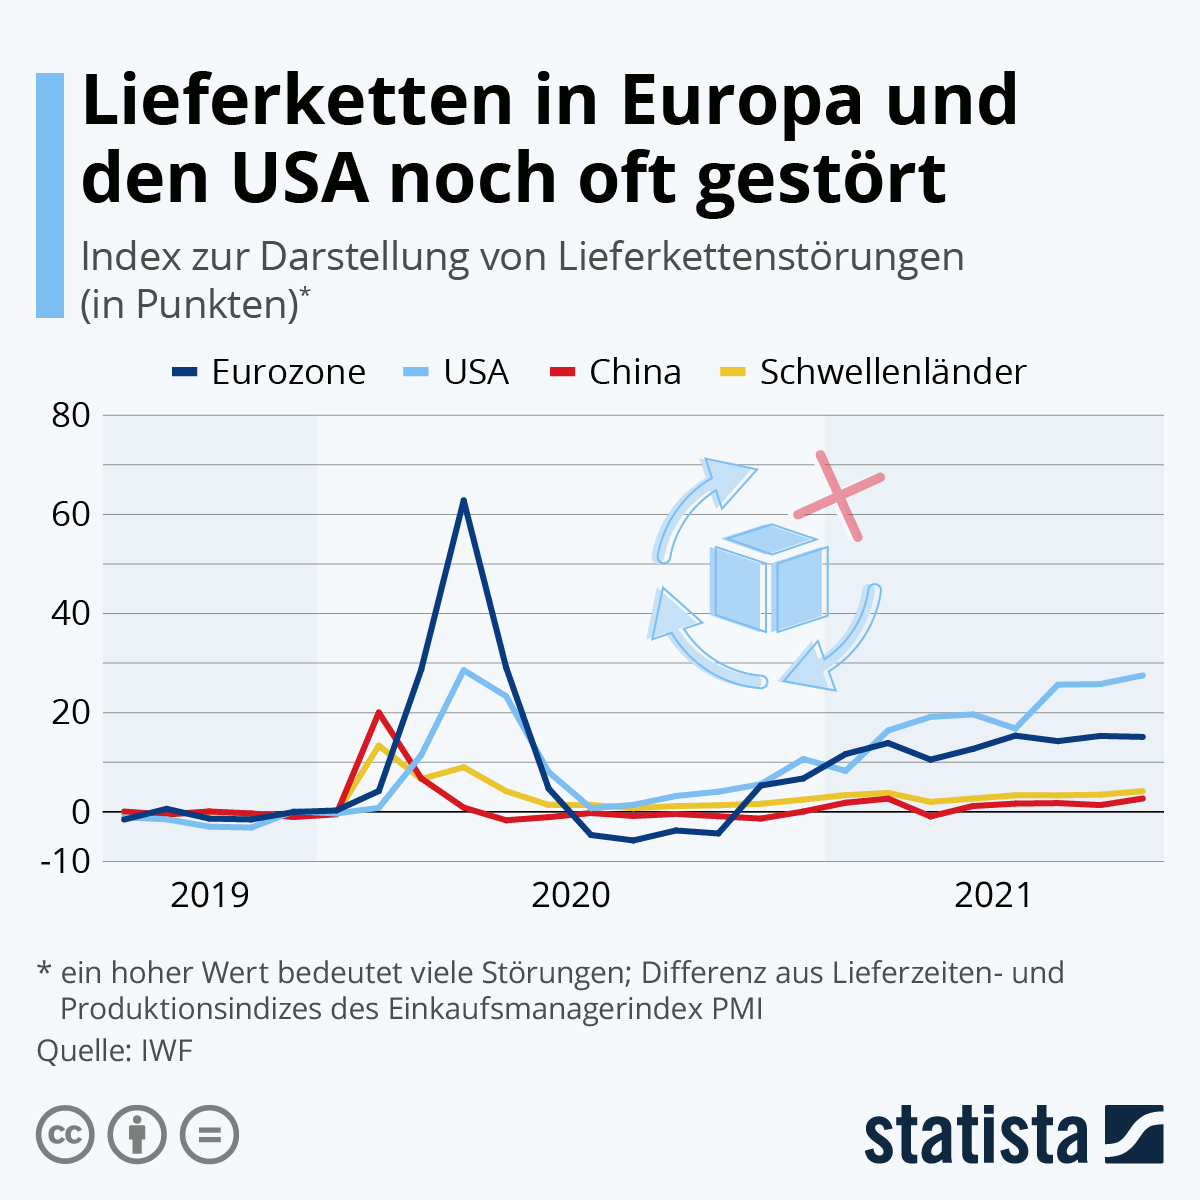 Infografik: Lieferketten in Europa und den USA noch oft gestört | Statista